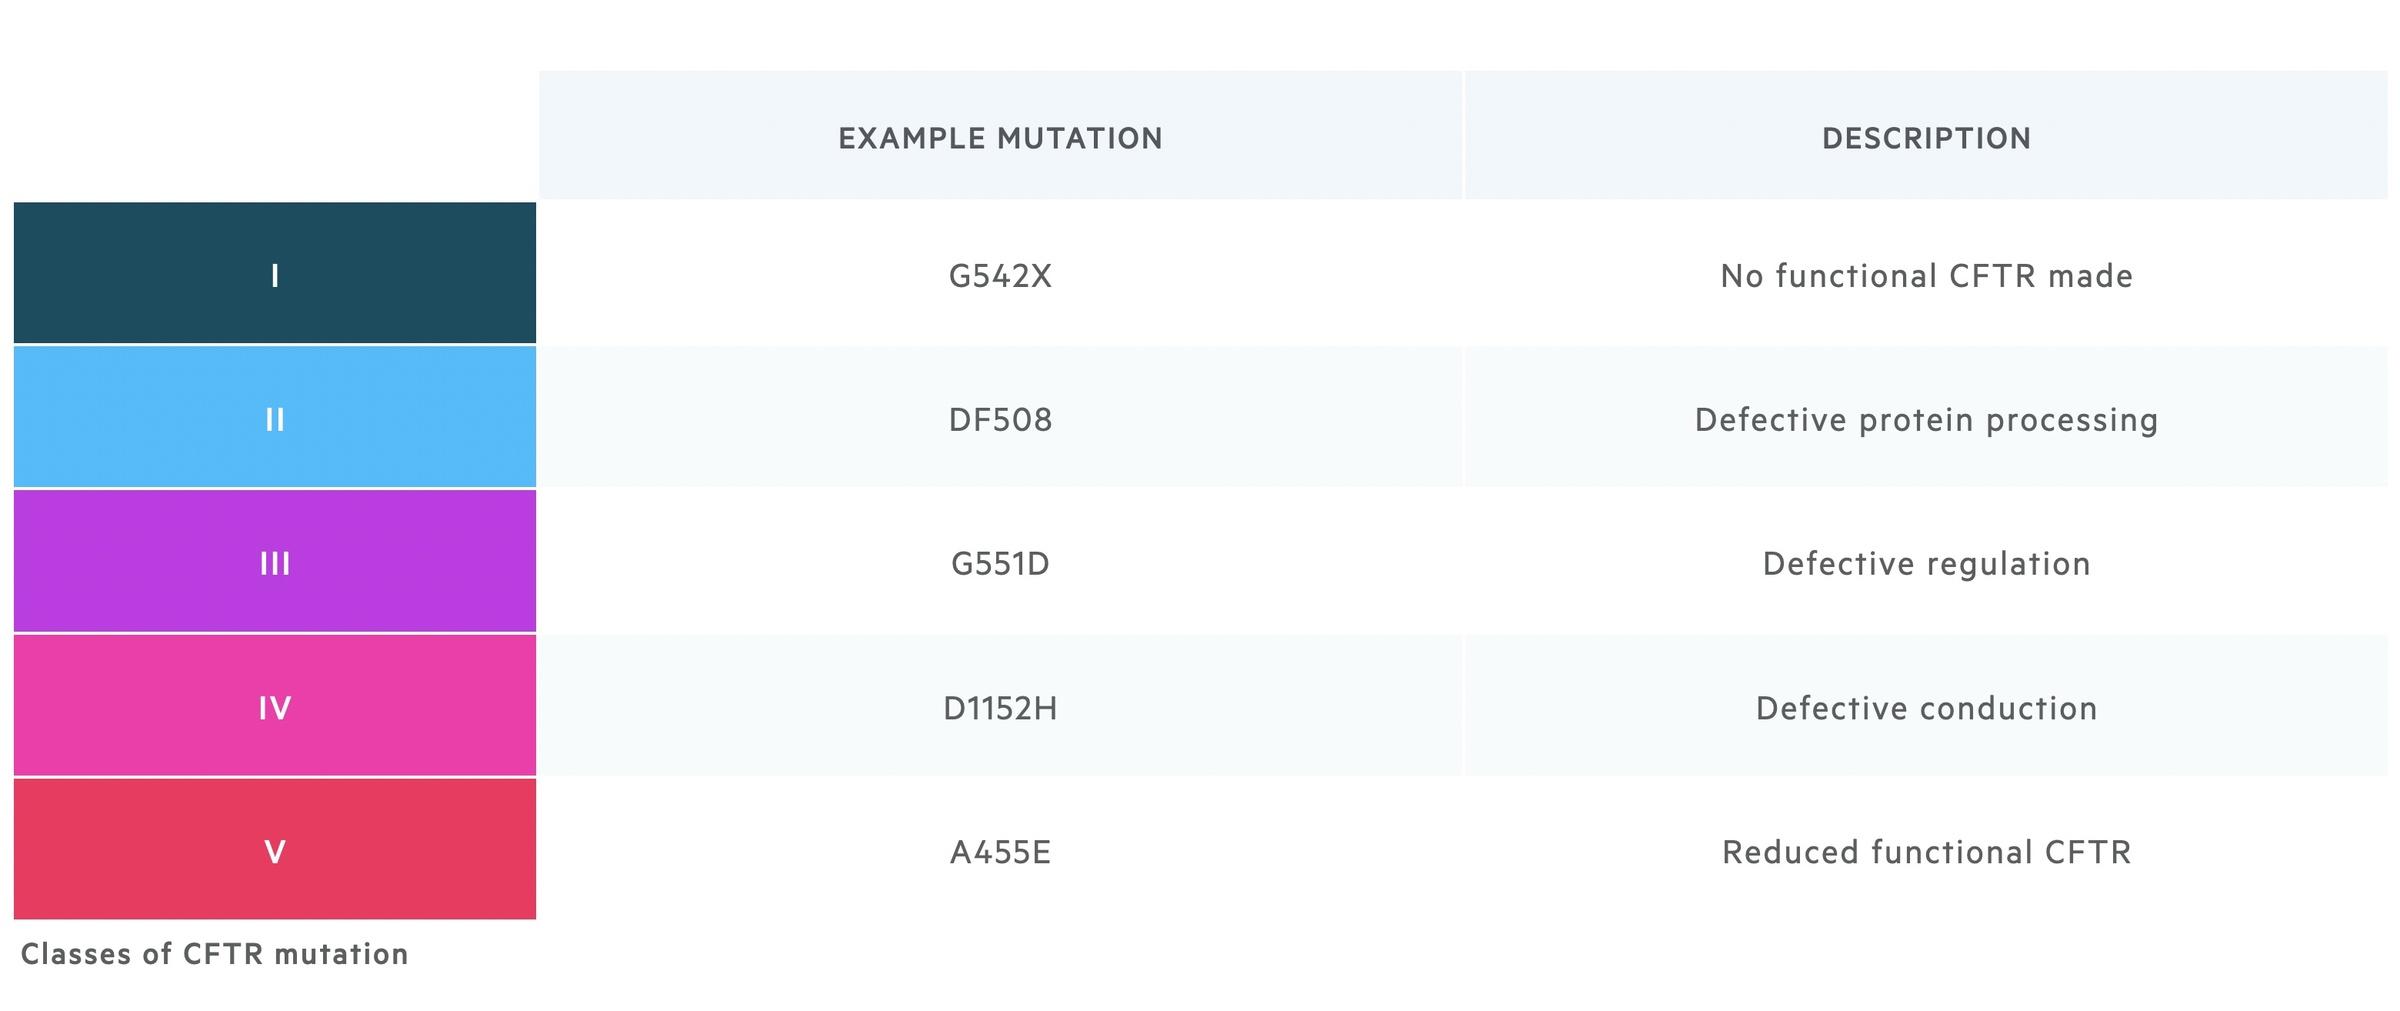 Classes of CFTR mutation